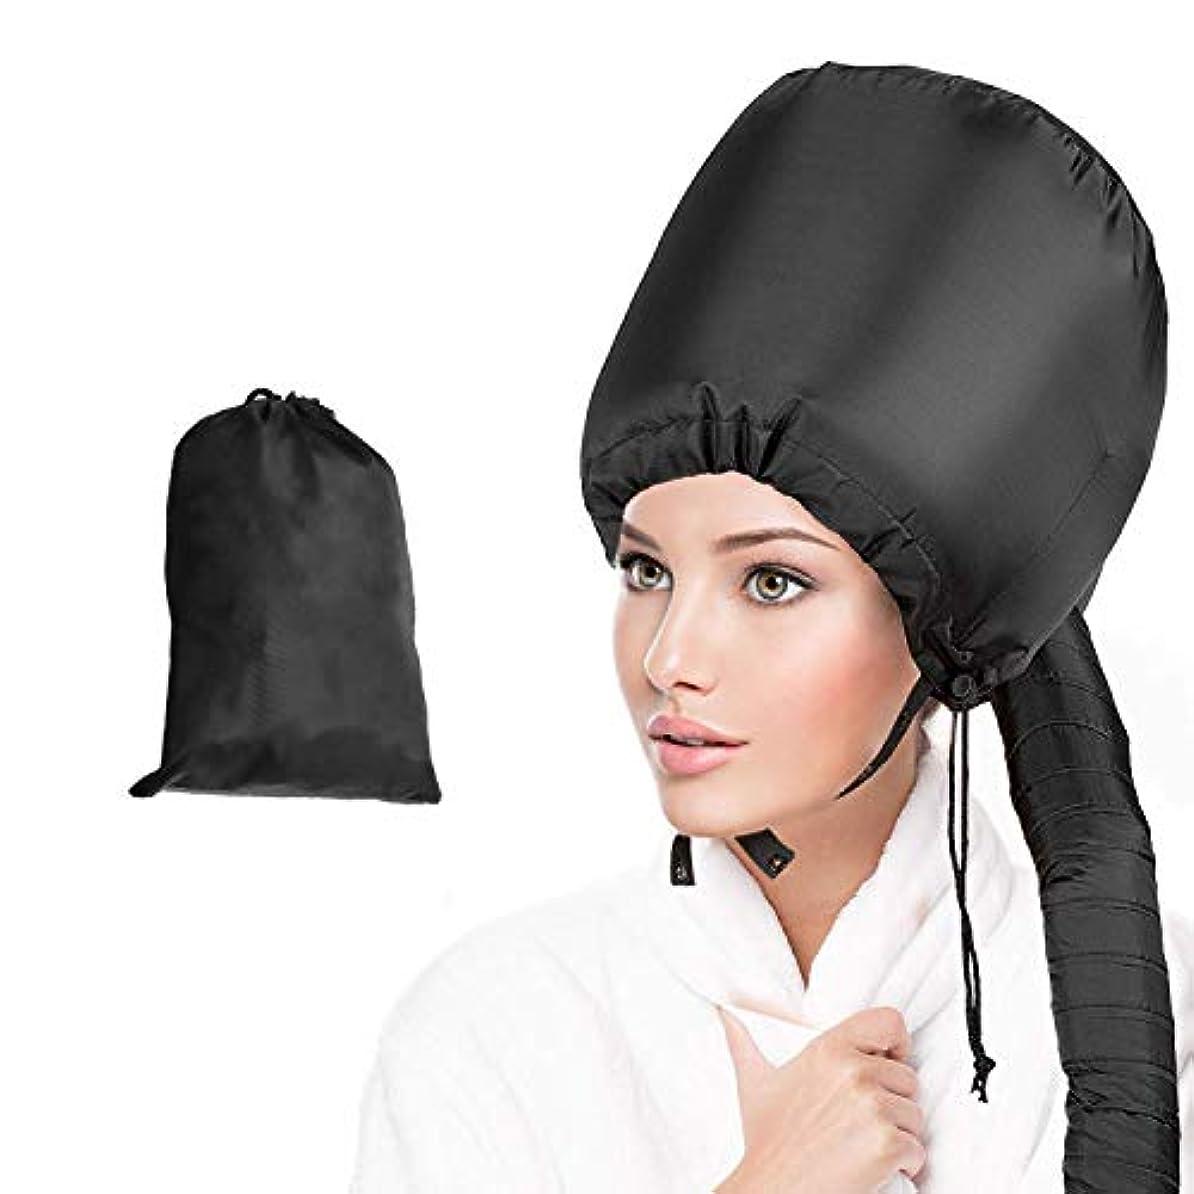 ボイド鉛ドリルWeanas ヘアドライヤーキャップ 髪干し帽子 髪ケア ホームサロン 携帯収納ケース付き